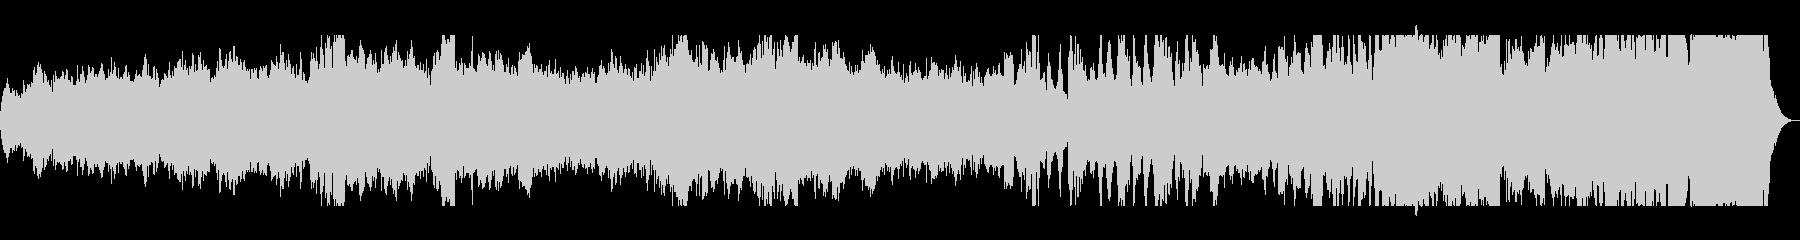 ピアノメインの広がりあるオーケストラの曲の未再生の波形